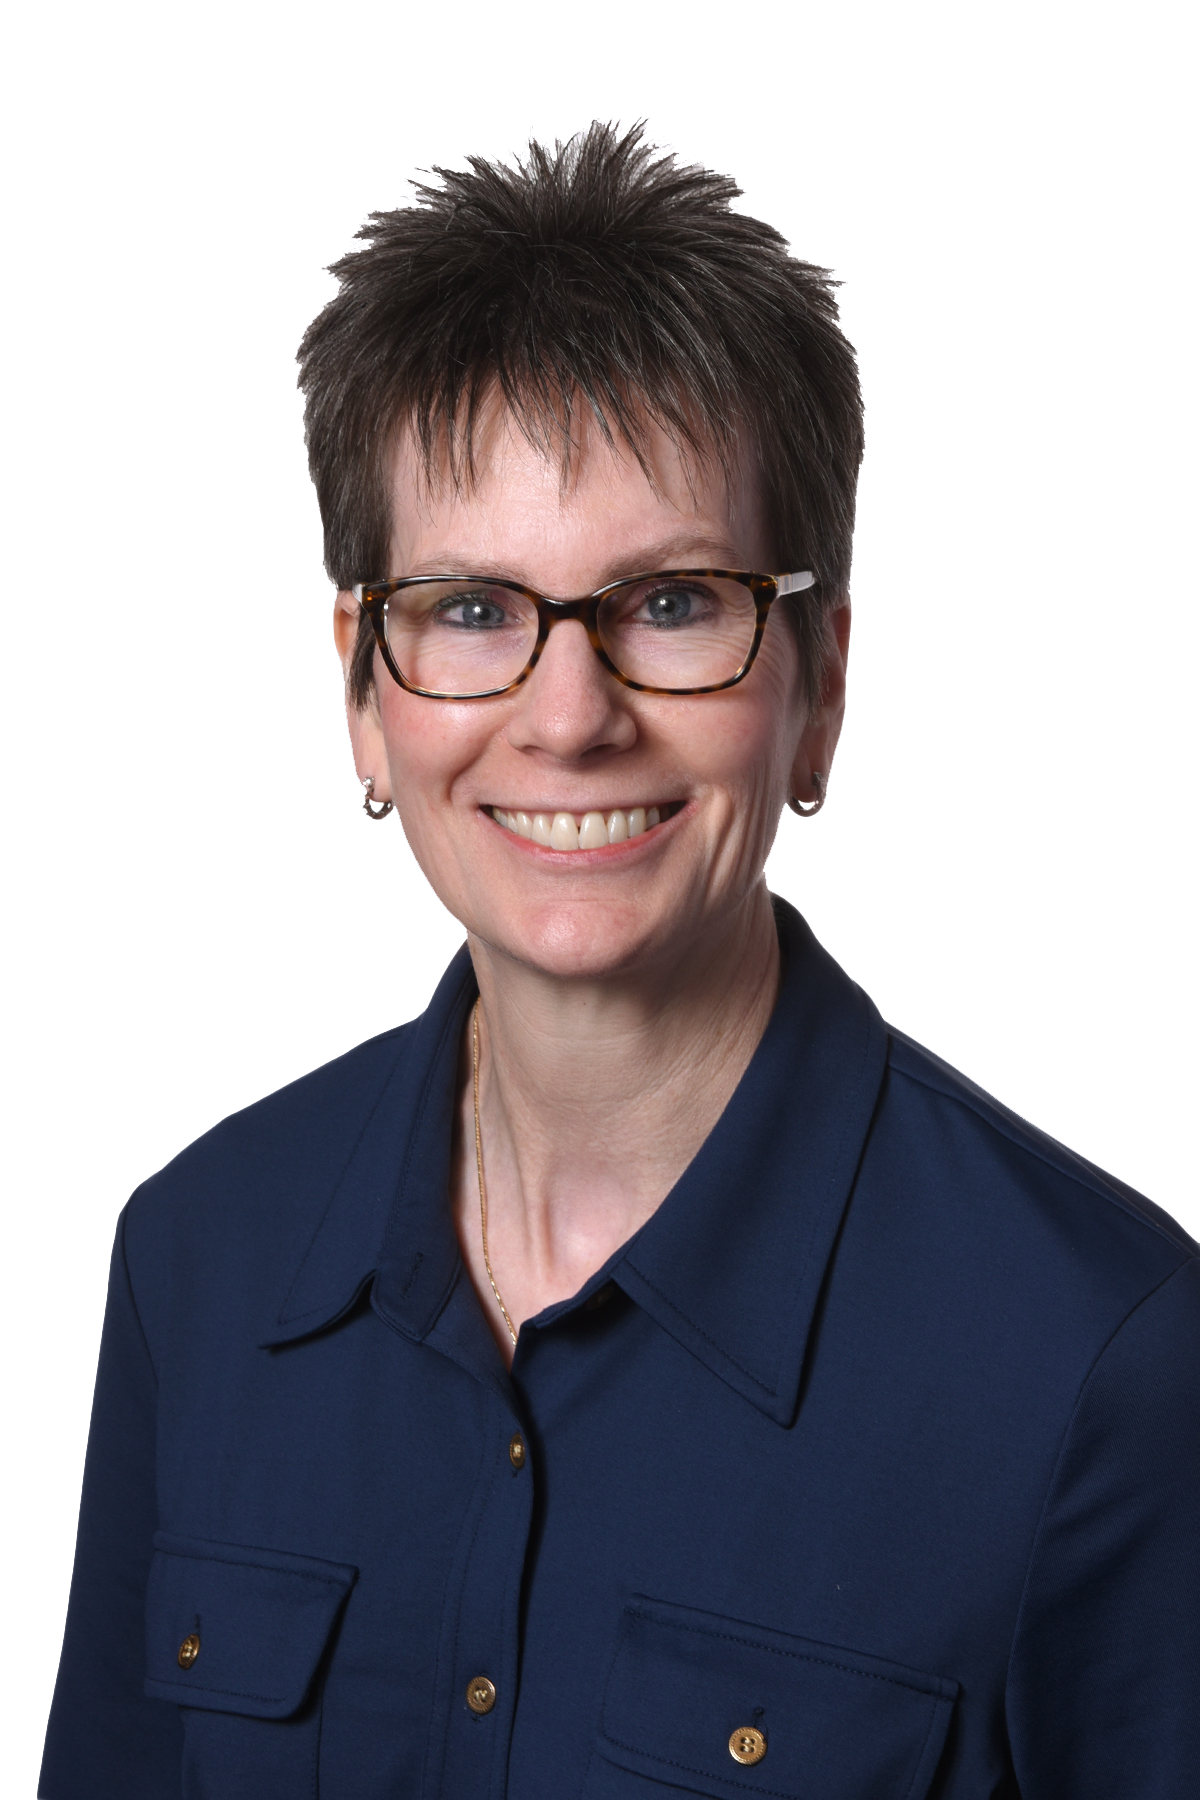 Image of Dr. Kristen Johansen